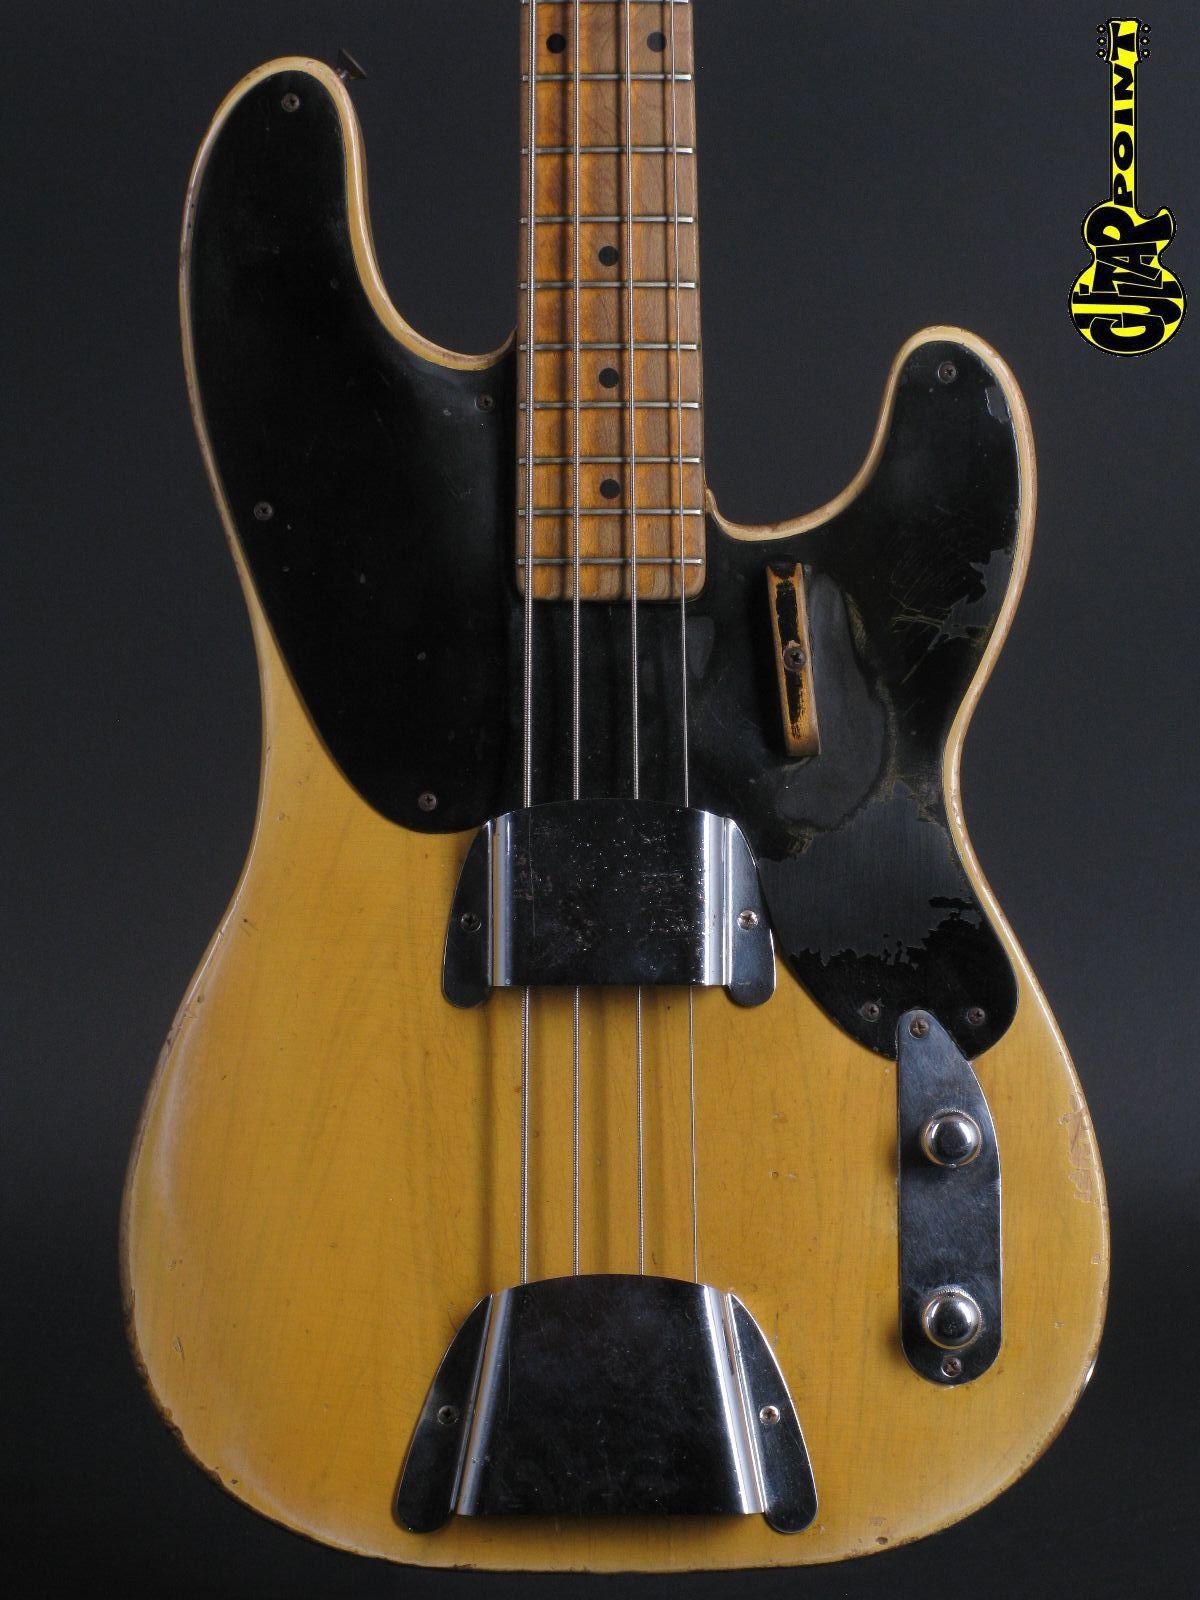 1953 Fender Precision Bass - Blond